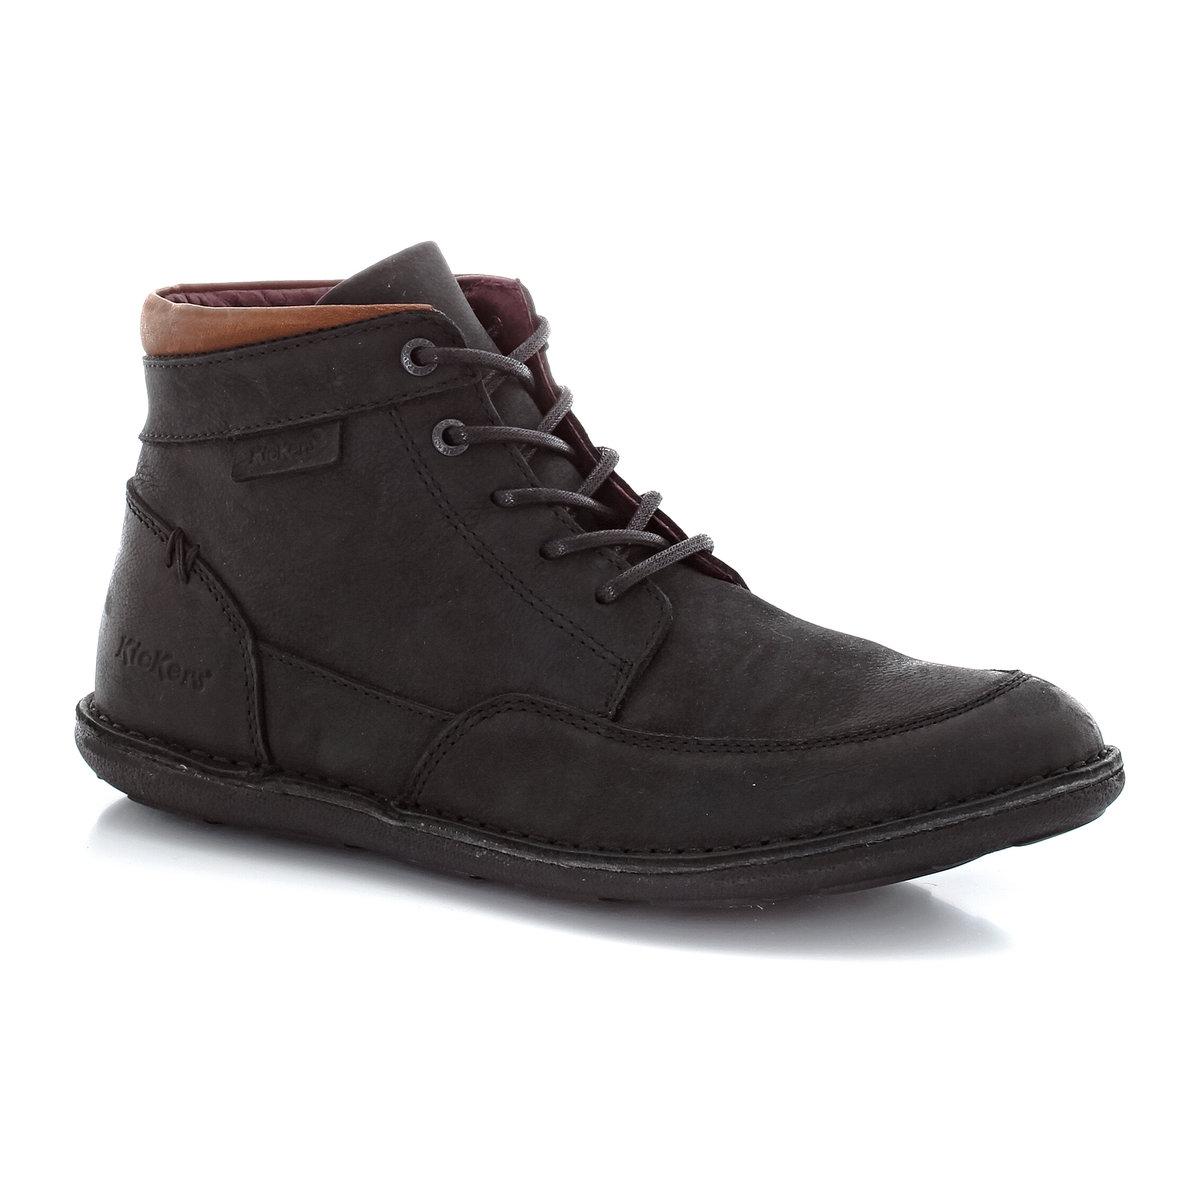 Ботинки из кожи со шнуровкойБотинки Swiforrys от Kickers из кожи со шнуровкой. Верх: телячья кожа. Подкладка: кожа. Стелька: кожа. Подошва.: каучук. Застежка: шнуровка. Высота верха: 6,5 см Отличные кожаные ботинки для любой дороги - удобство и качество от Kickers!<br><br>Цвет: черный<br>Размер: 40.41